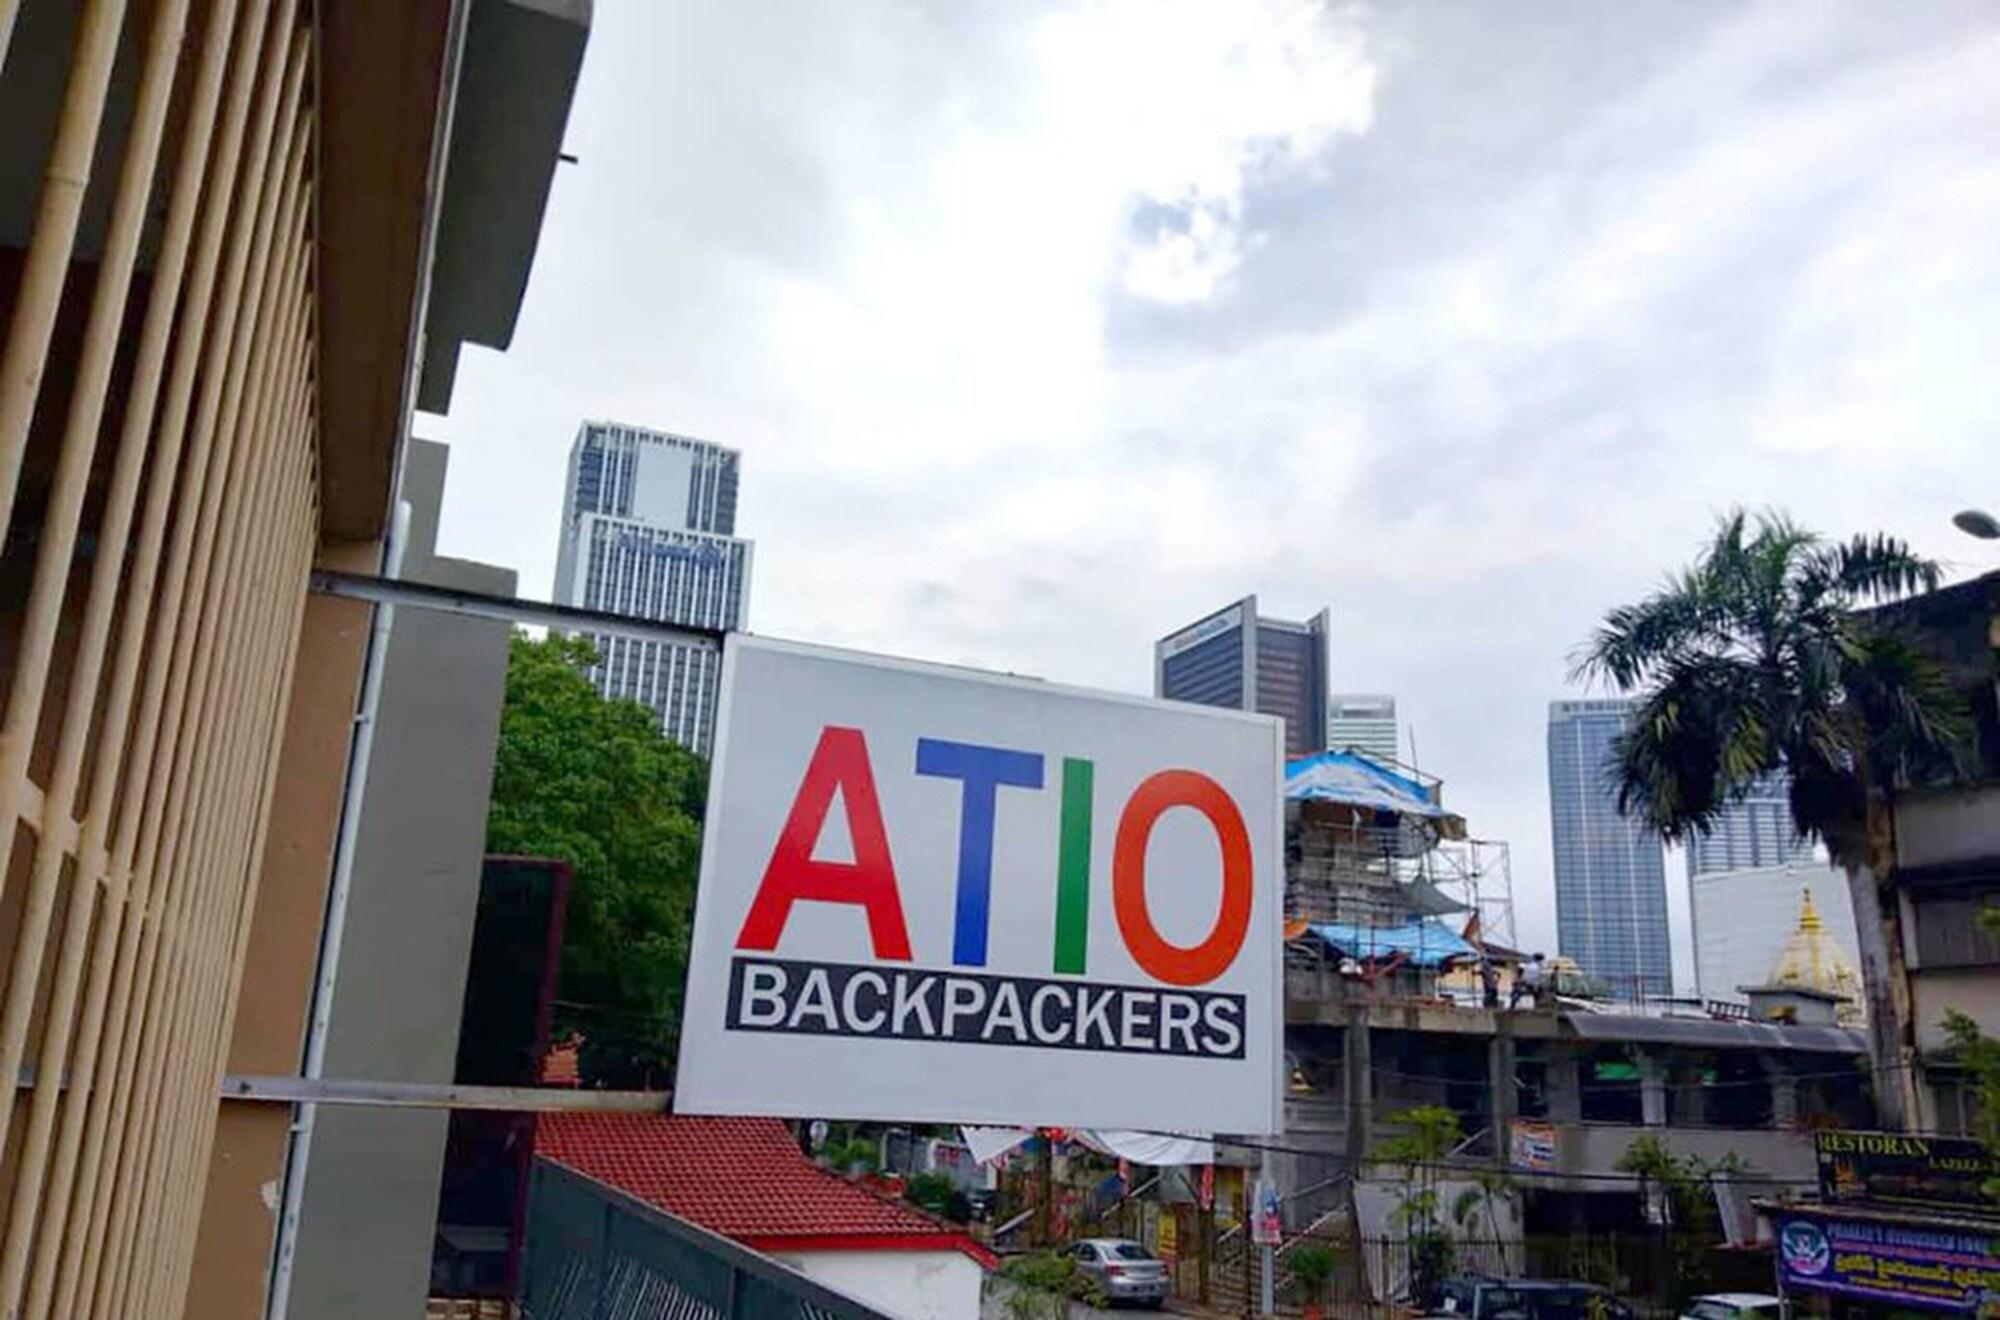 ATIO Backpackers, Kuala Lumpur